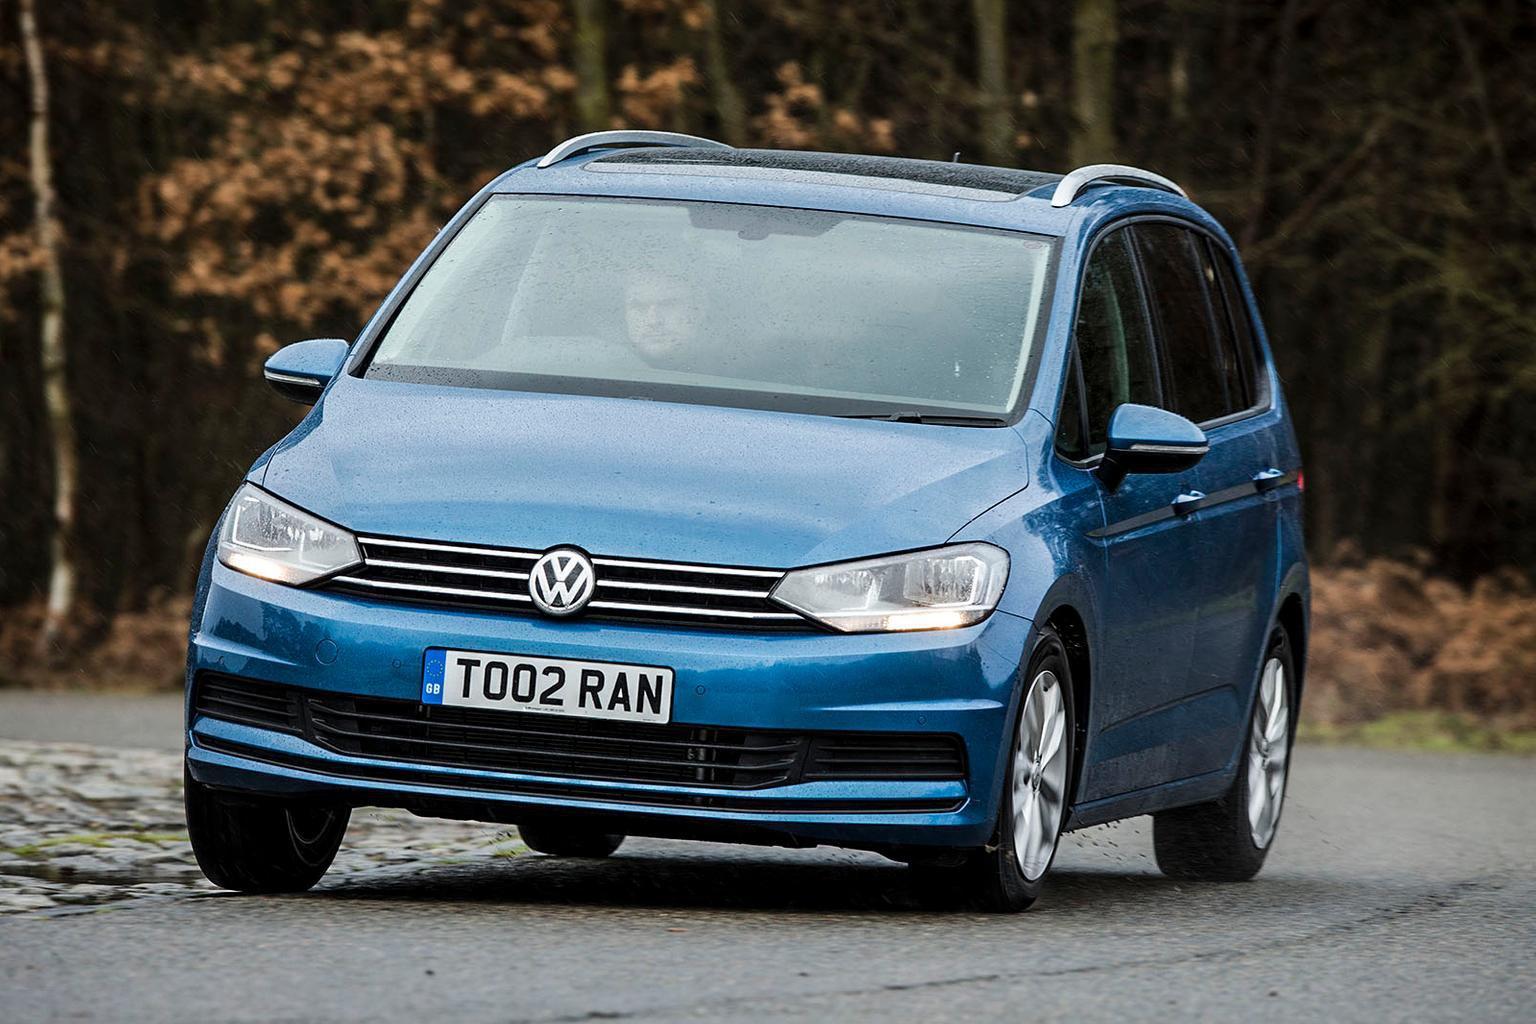 Volkswagen Touran 1.6 TDI 115 S